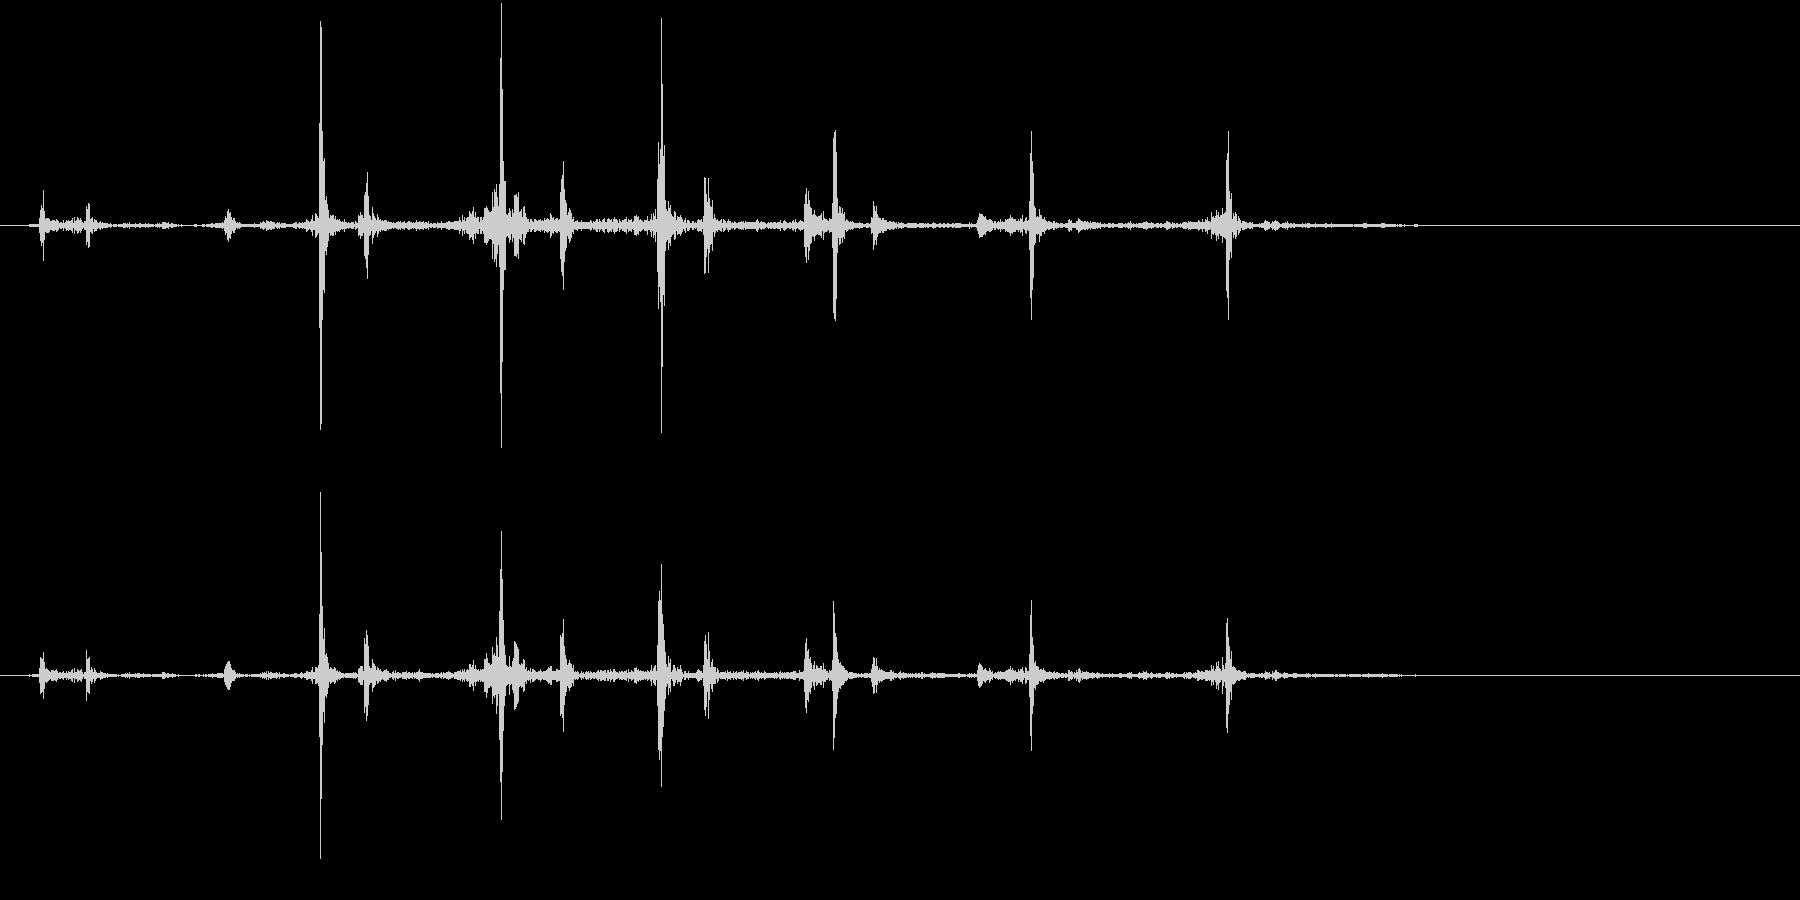 【生録音】カッターナイフの音 10の未再生の波形